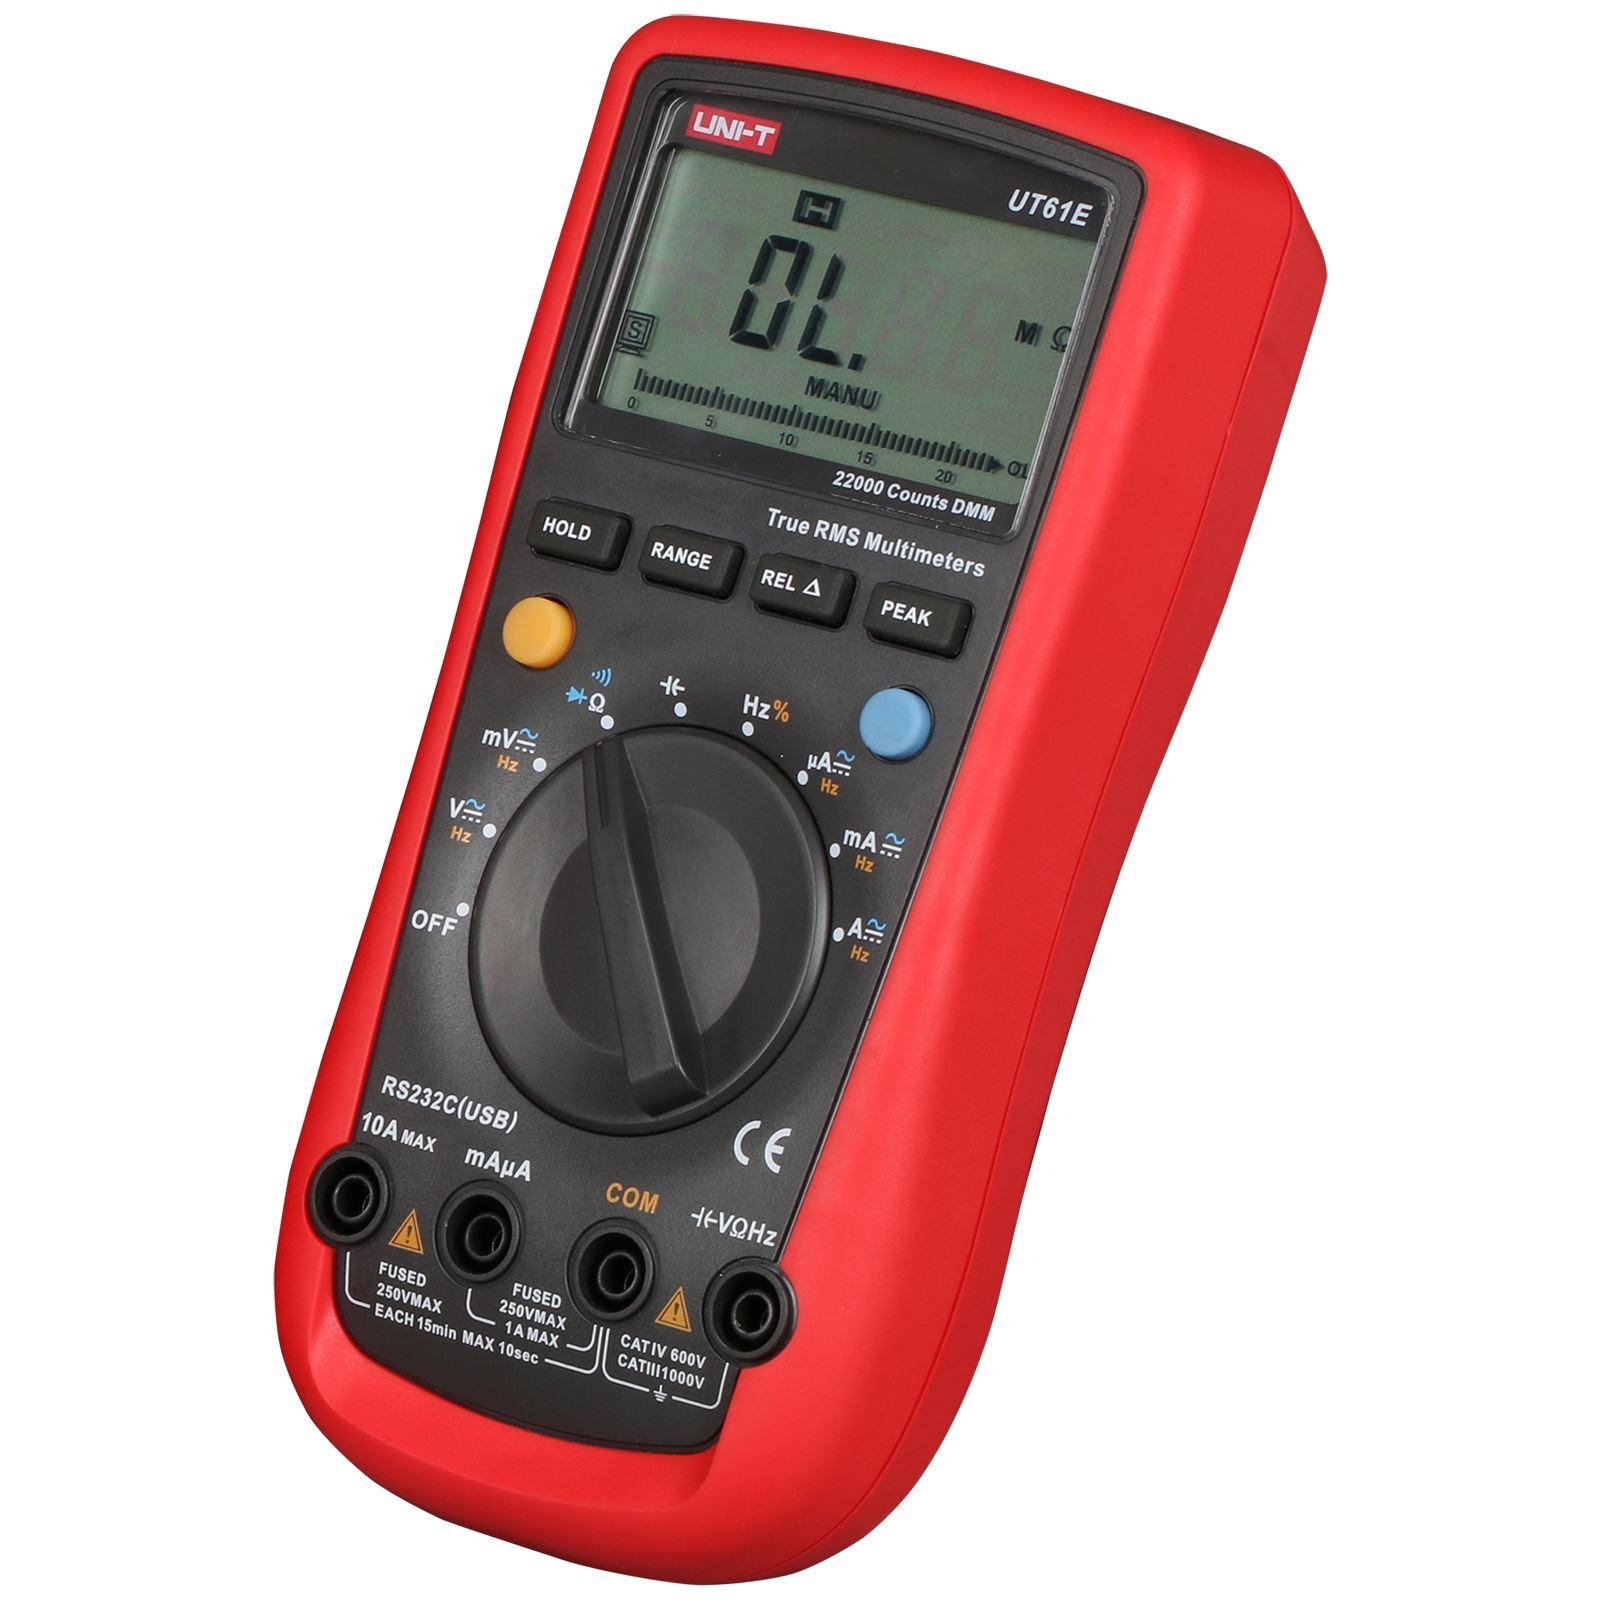 UNI-T Tester Digital Multimeter Profesional UT61E True RMS Auto Range Temperature Voltage Ammeter Count 6000 DC AC Capacitor